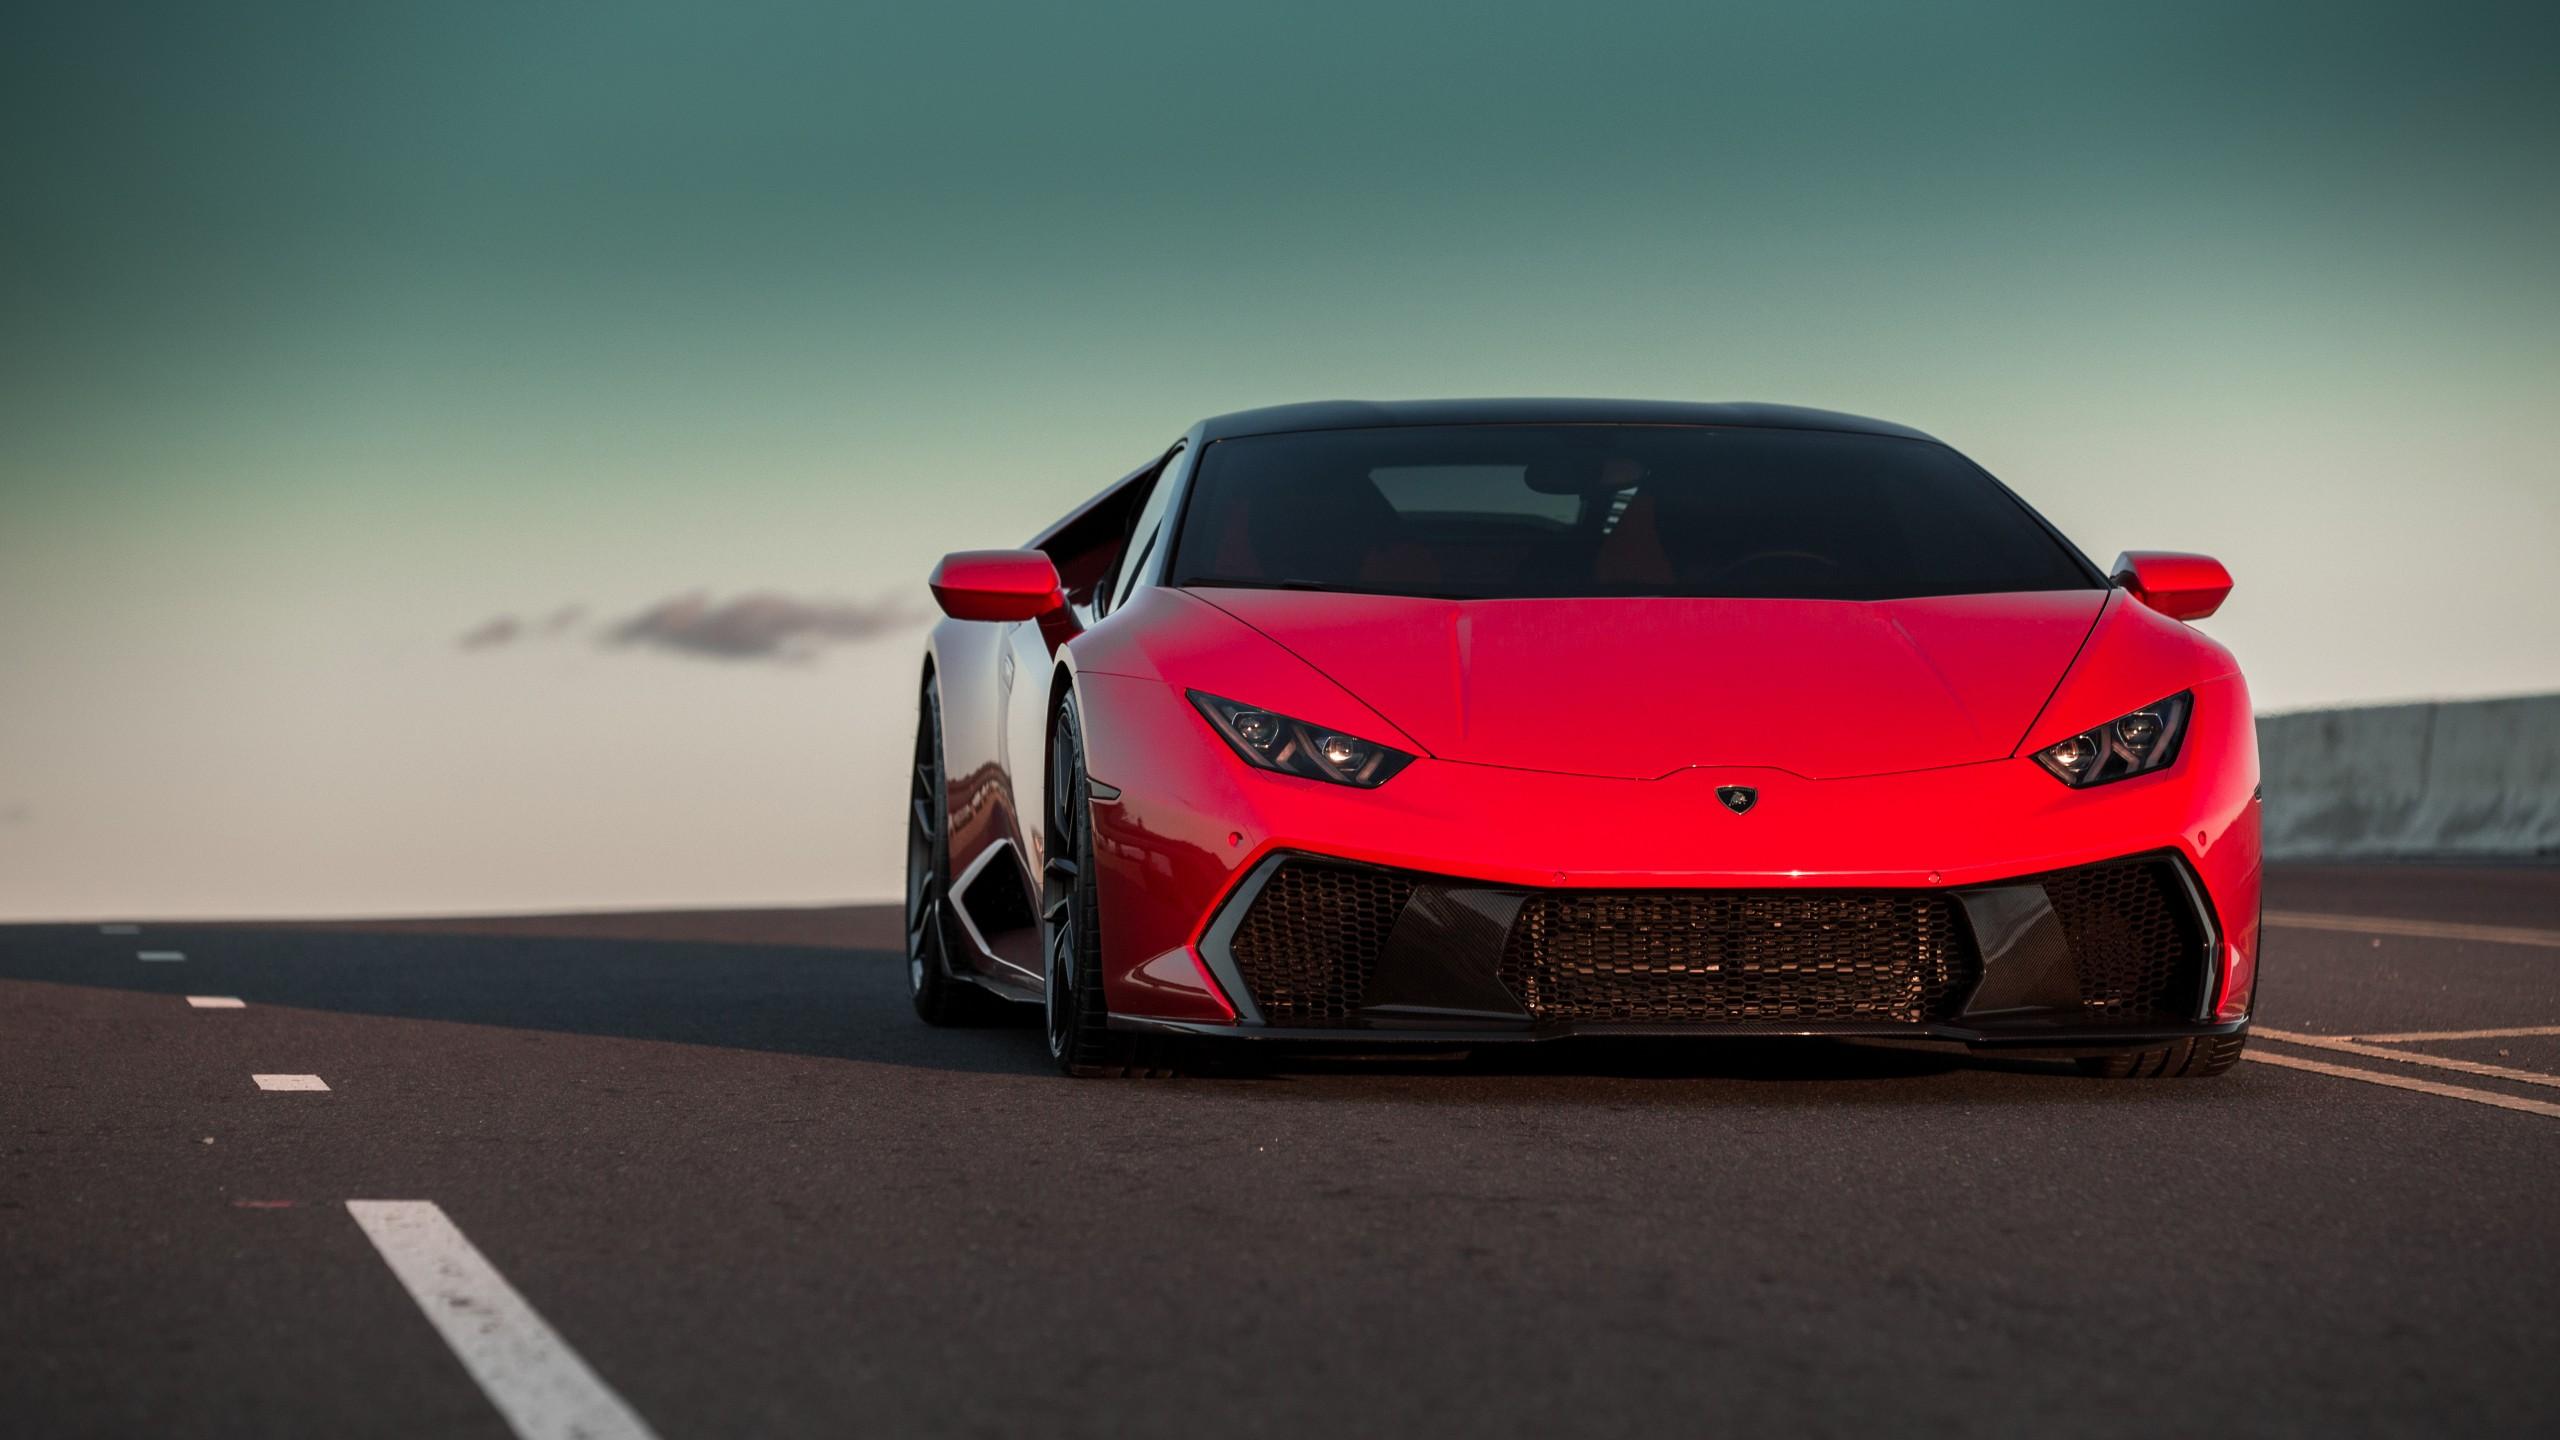 Audi Full Hd Wallpaper Download Vorsteiner Lamborghini Huracan Novara 5k Wallpaper Hd